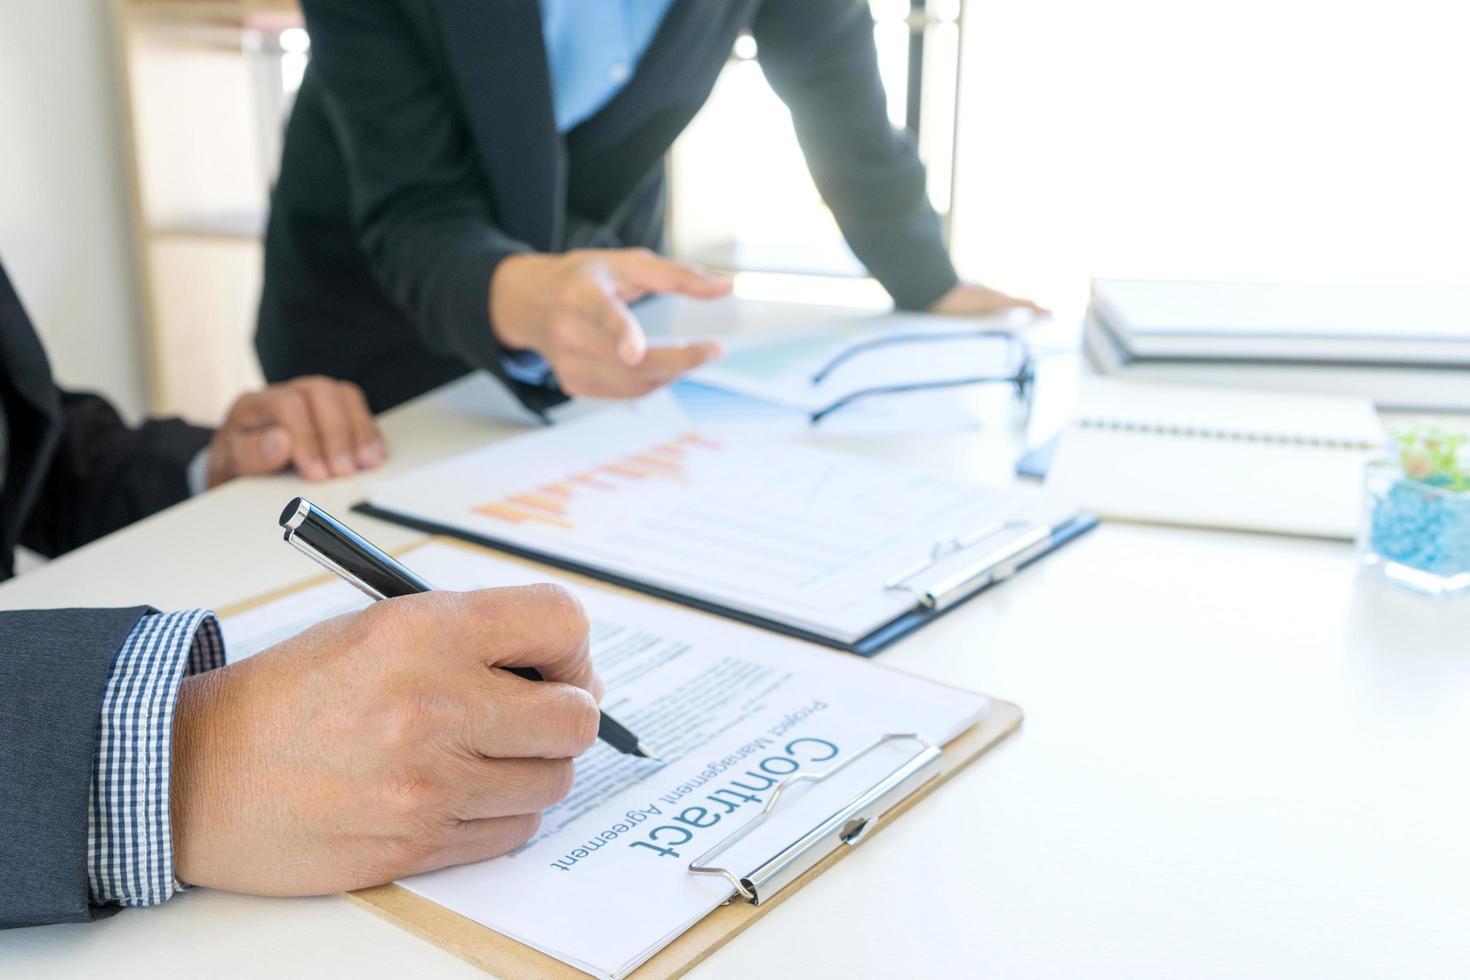 närbild av den person som undertecknar ett kontrakt foto